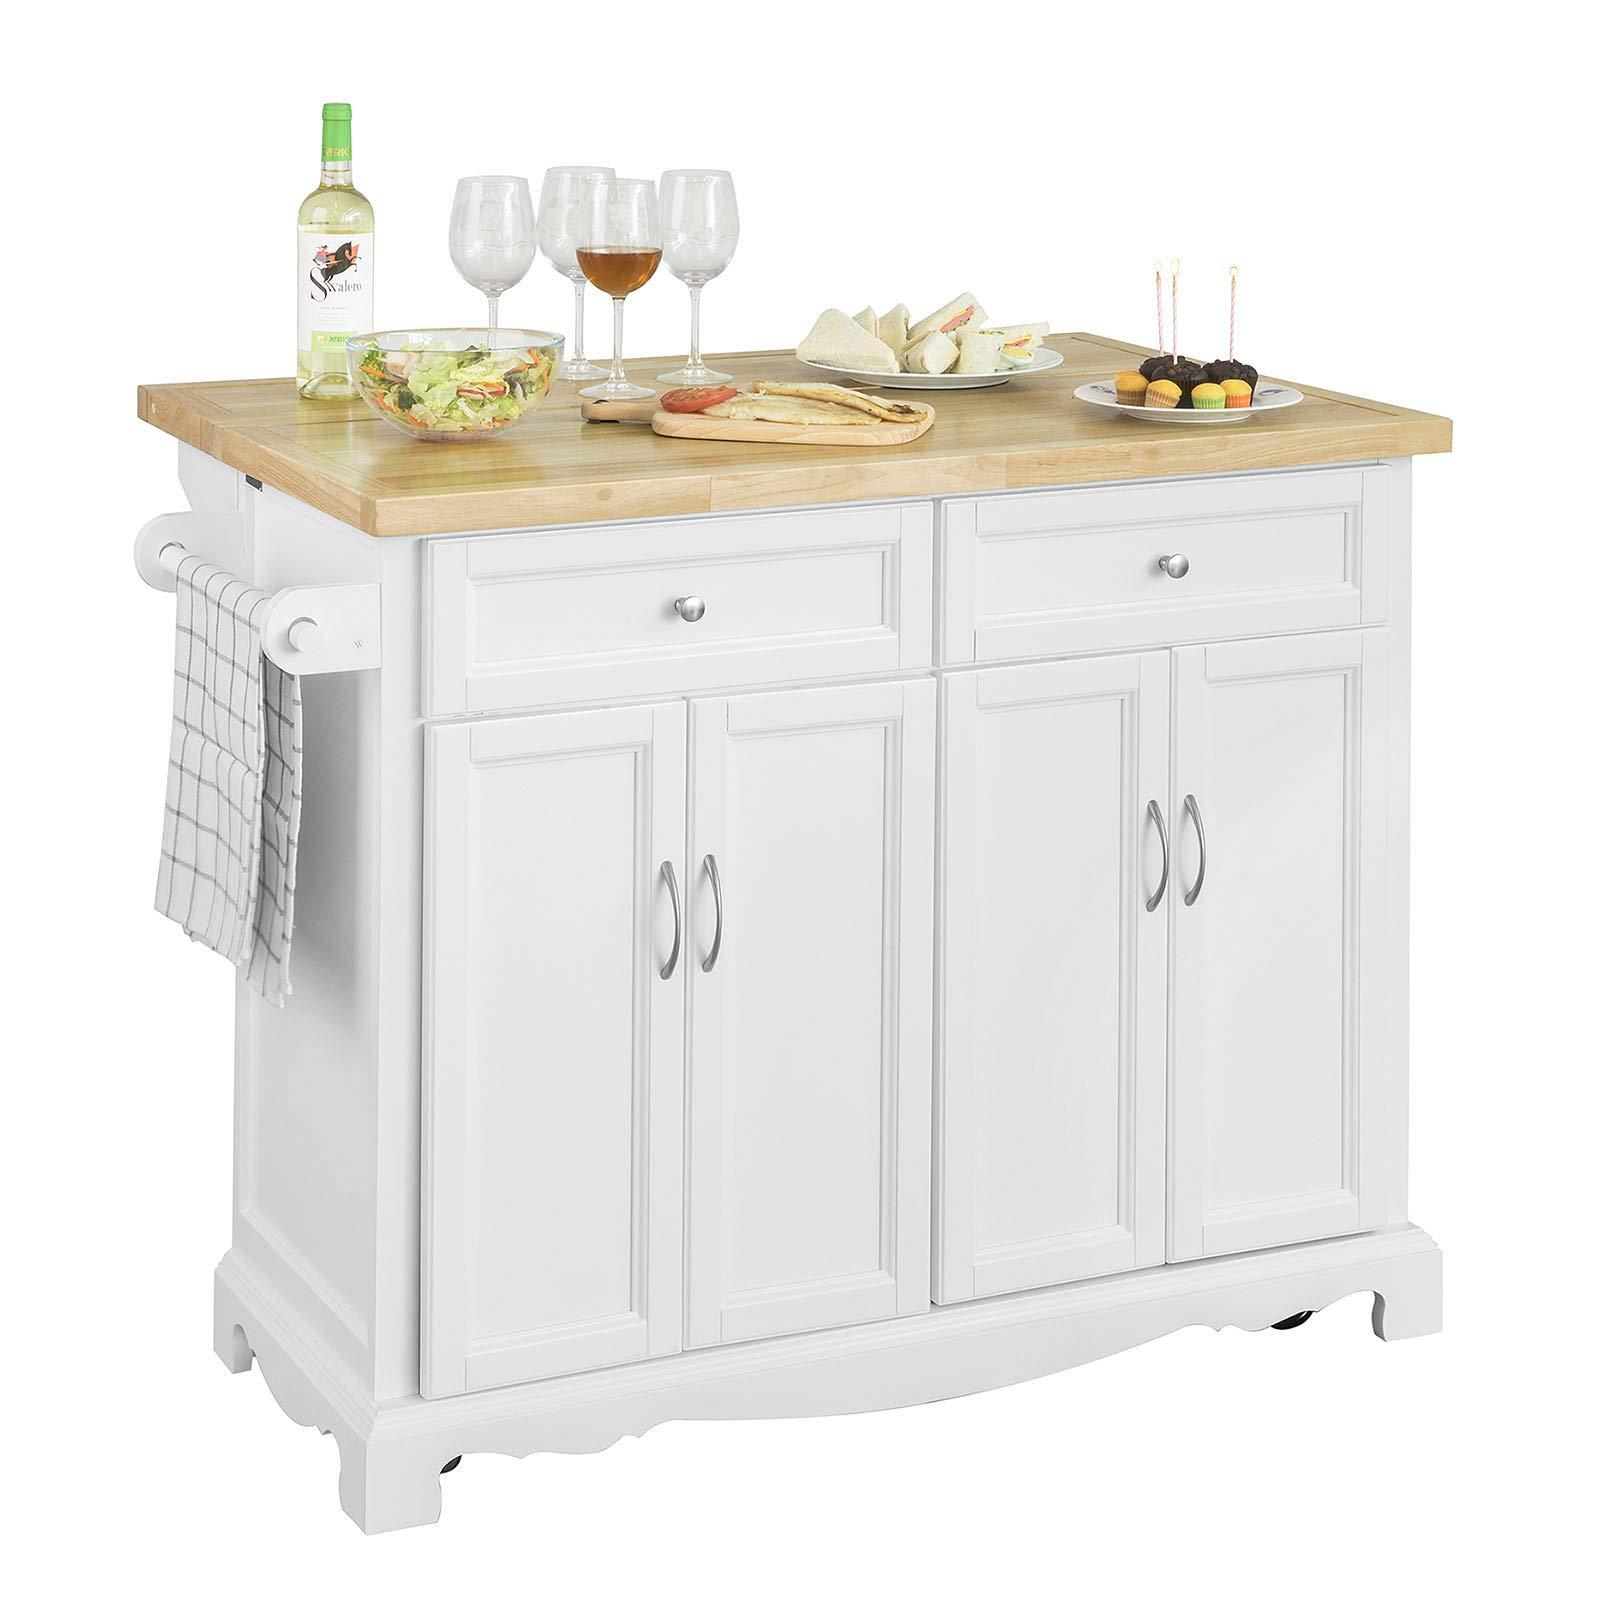 SoBuy Credenza Legno Carrello Cucina Piano Lavoro Cucina Piano in Legno di  Hevea è allungabile FKW71-WN | CasaMe